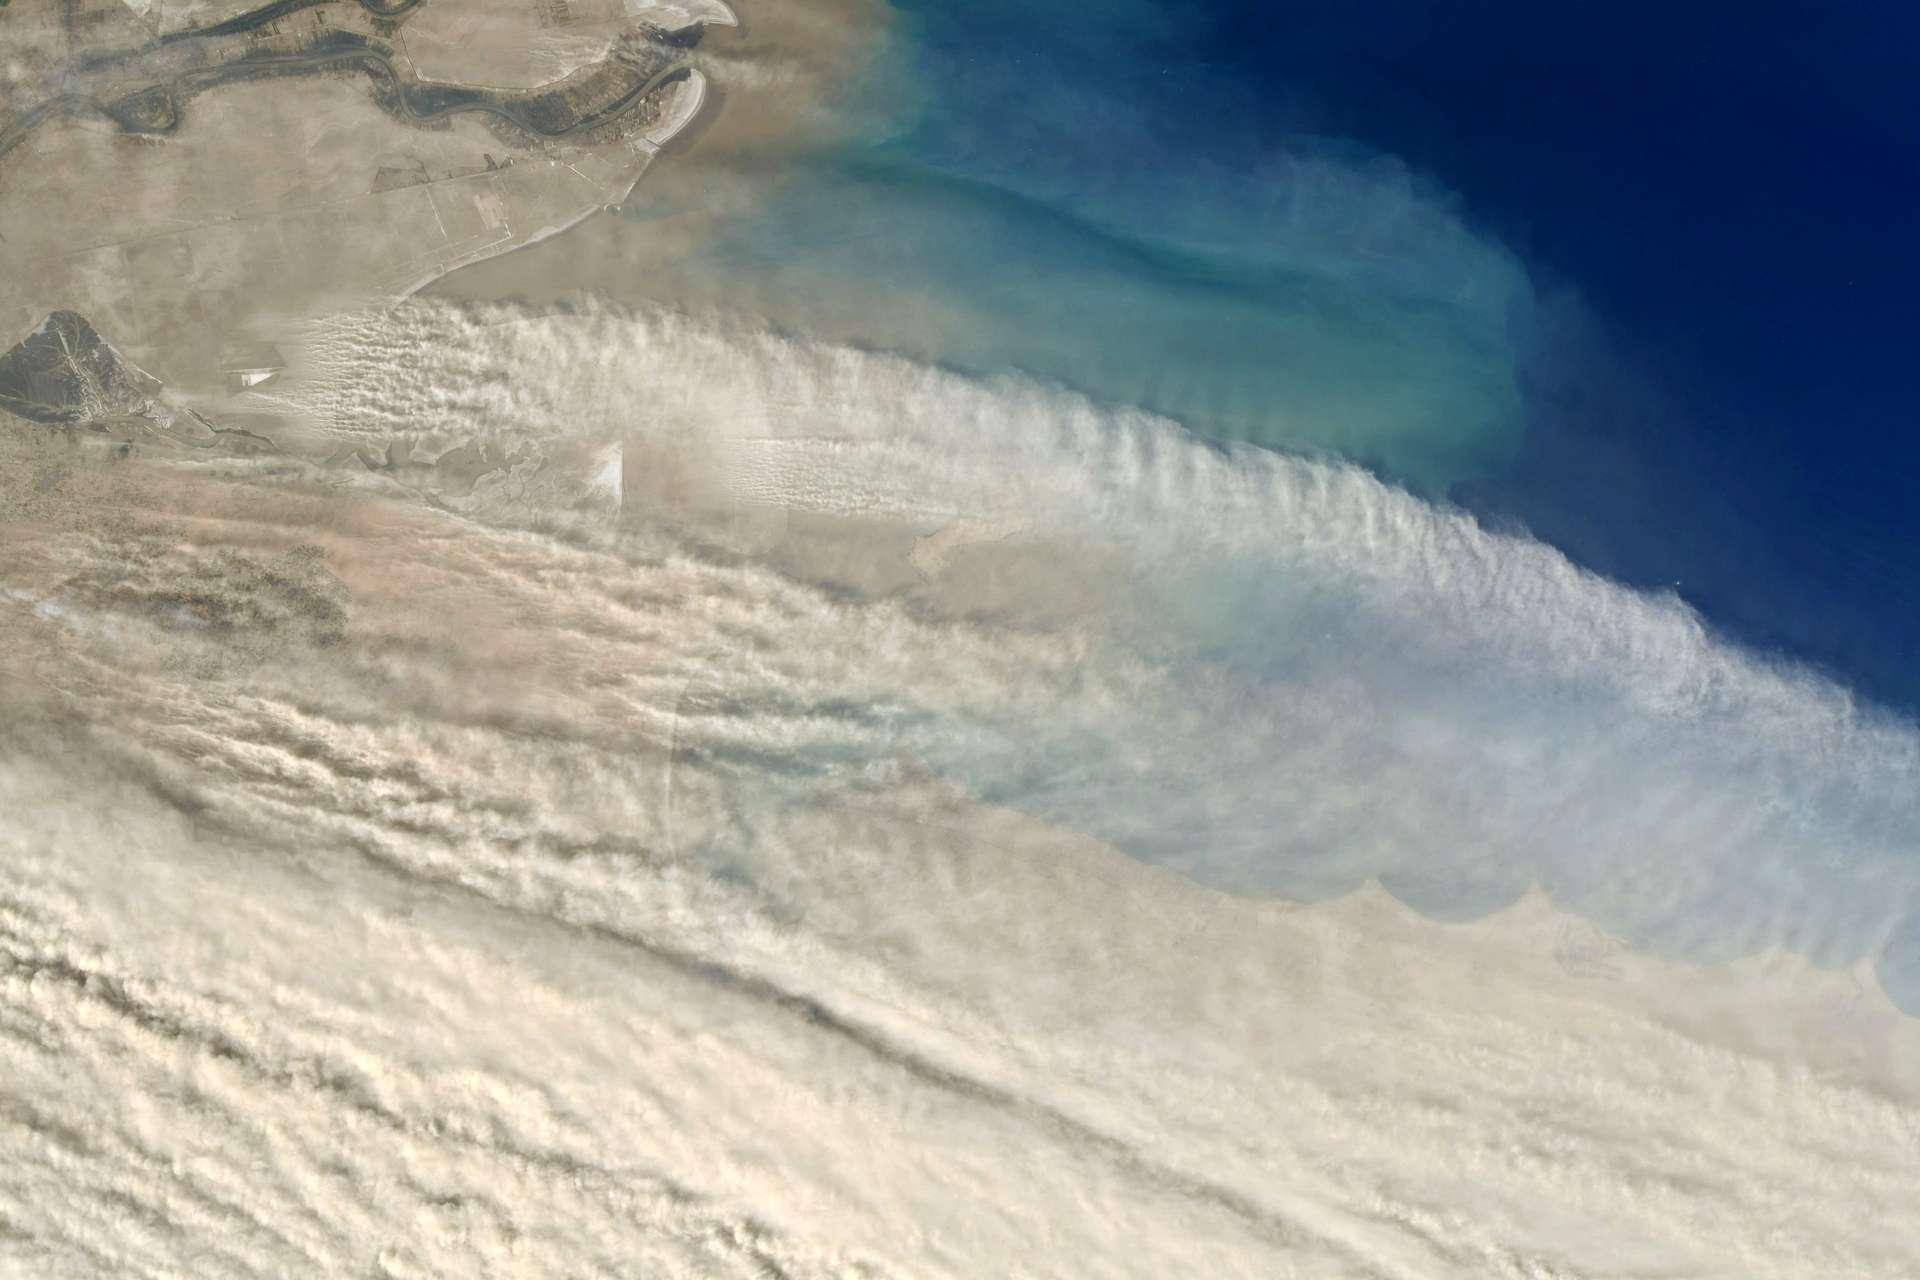 Une immense tempête de sable, photographiée par Thomas Pesquet, en 2021. © Esa/Nasa, T. Pesquet